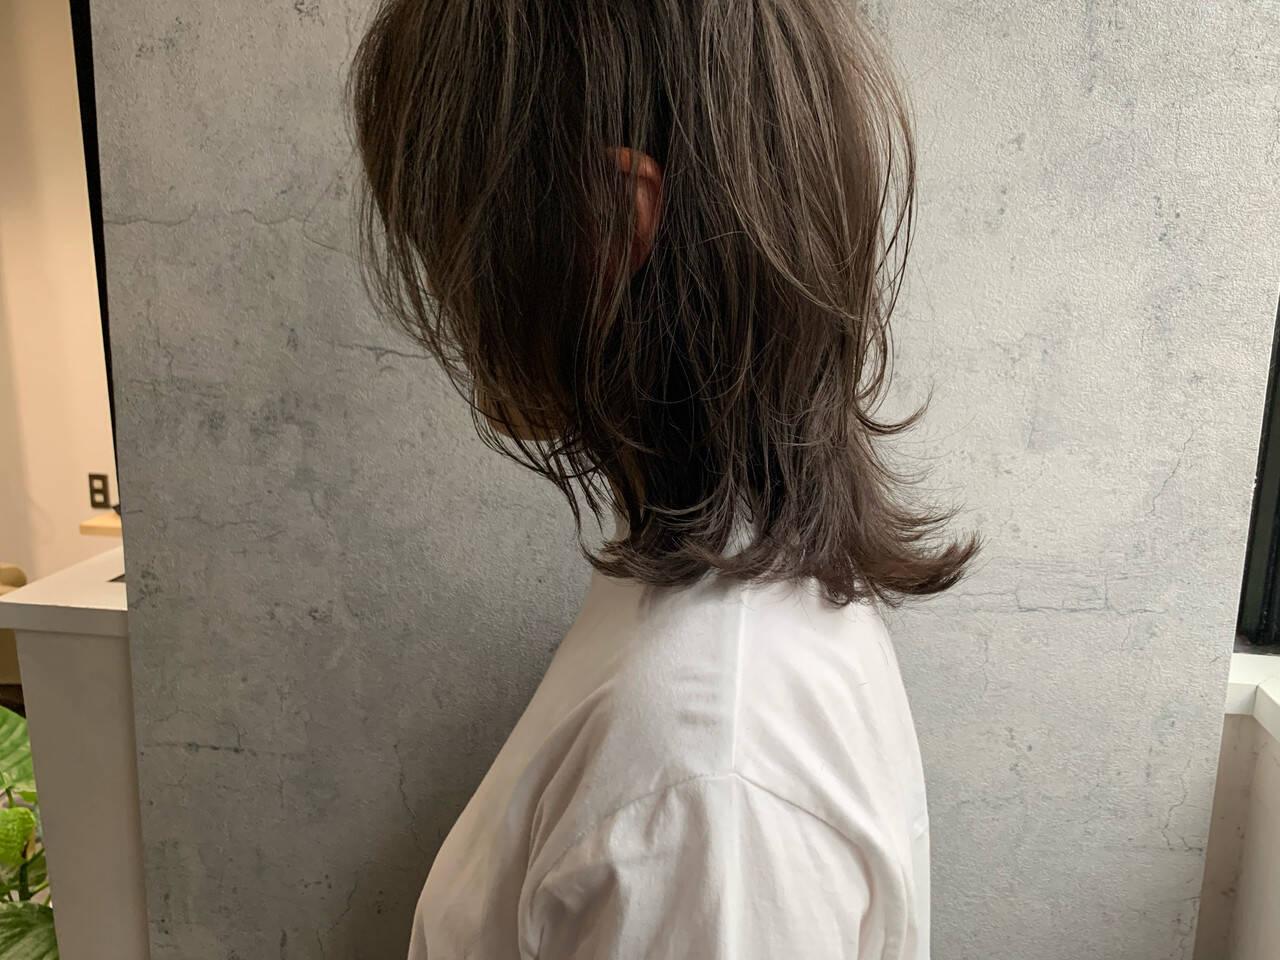 くびれボブ ニュアンスウルフ ミディアム ウルフカットヘアスタイルや髪型の写真・画像